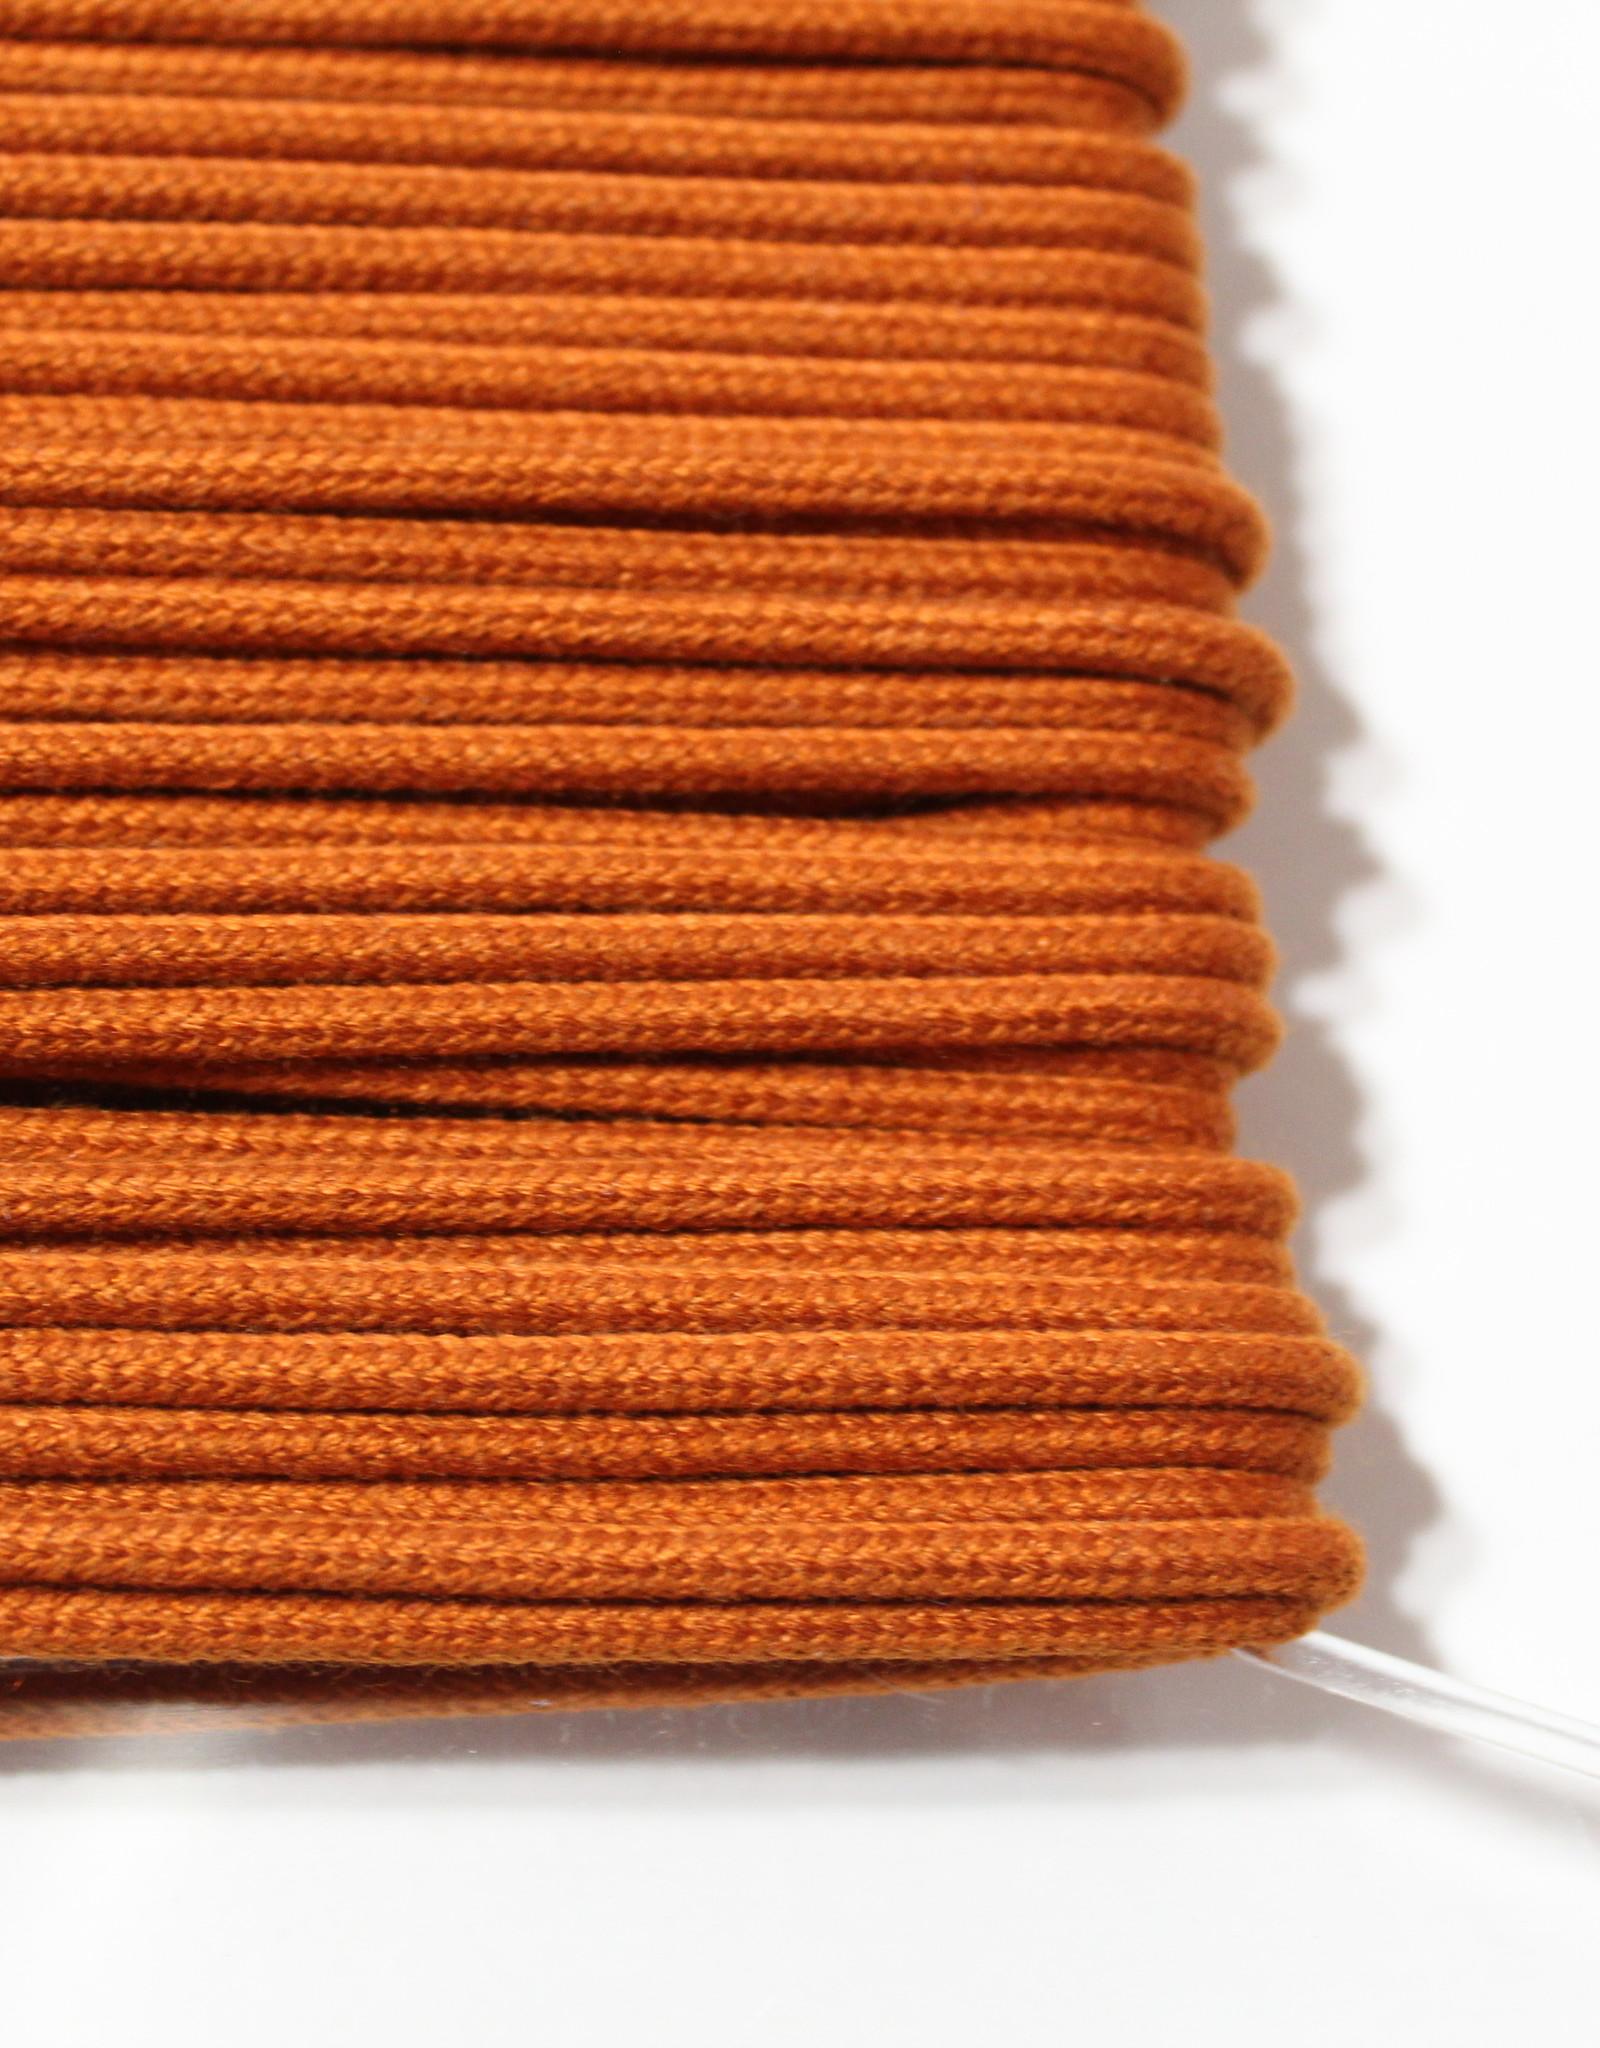 Anorak touw 3mm roest